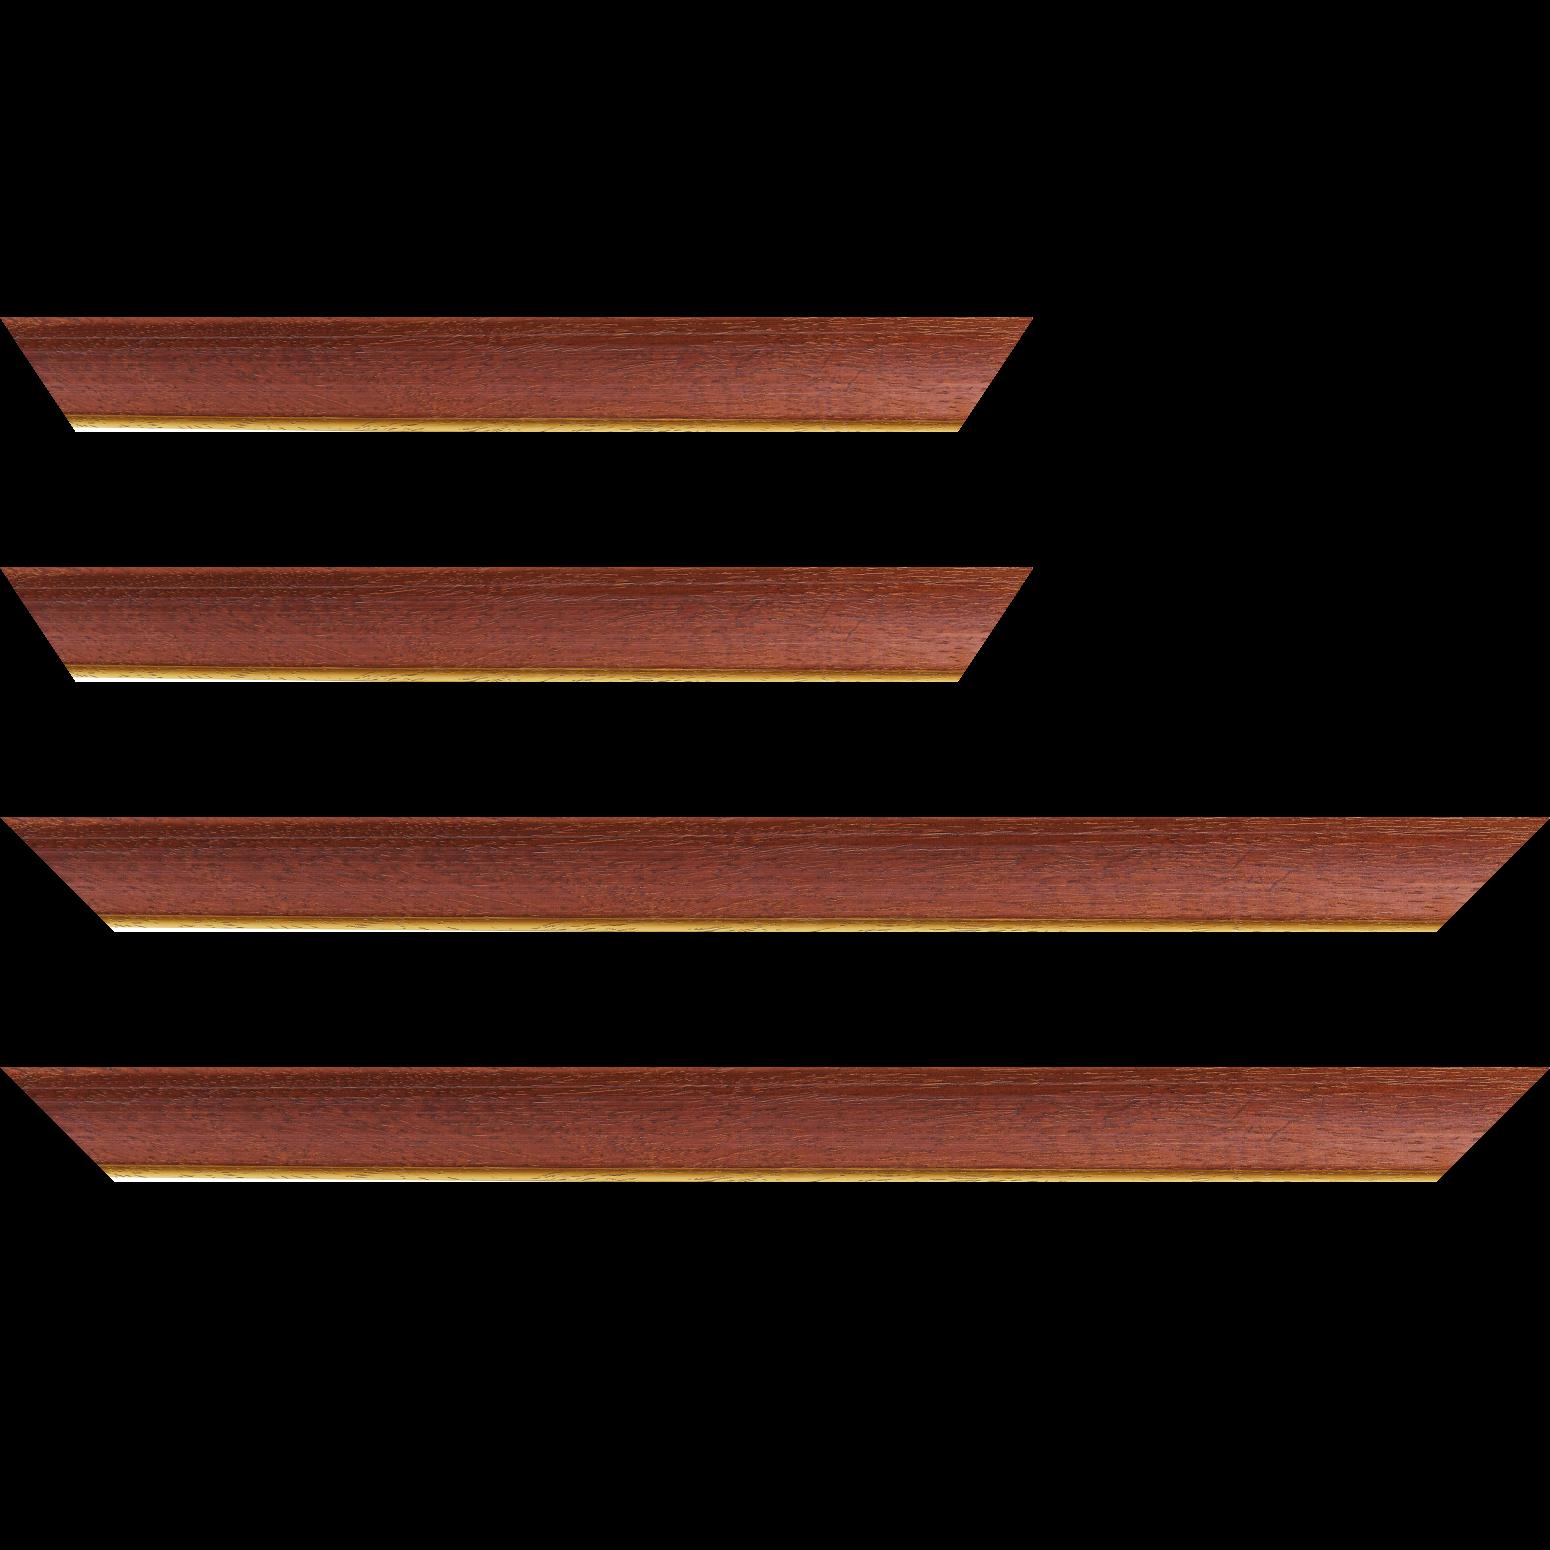 Baguette service précoupé Bois profil incurvé largeur 3.9cm couleur acajou satiné filet or